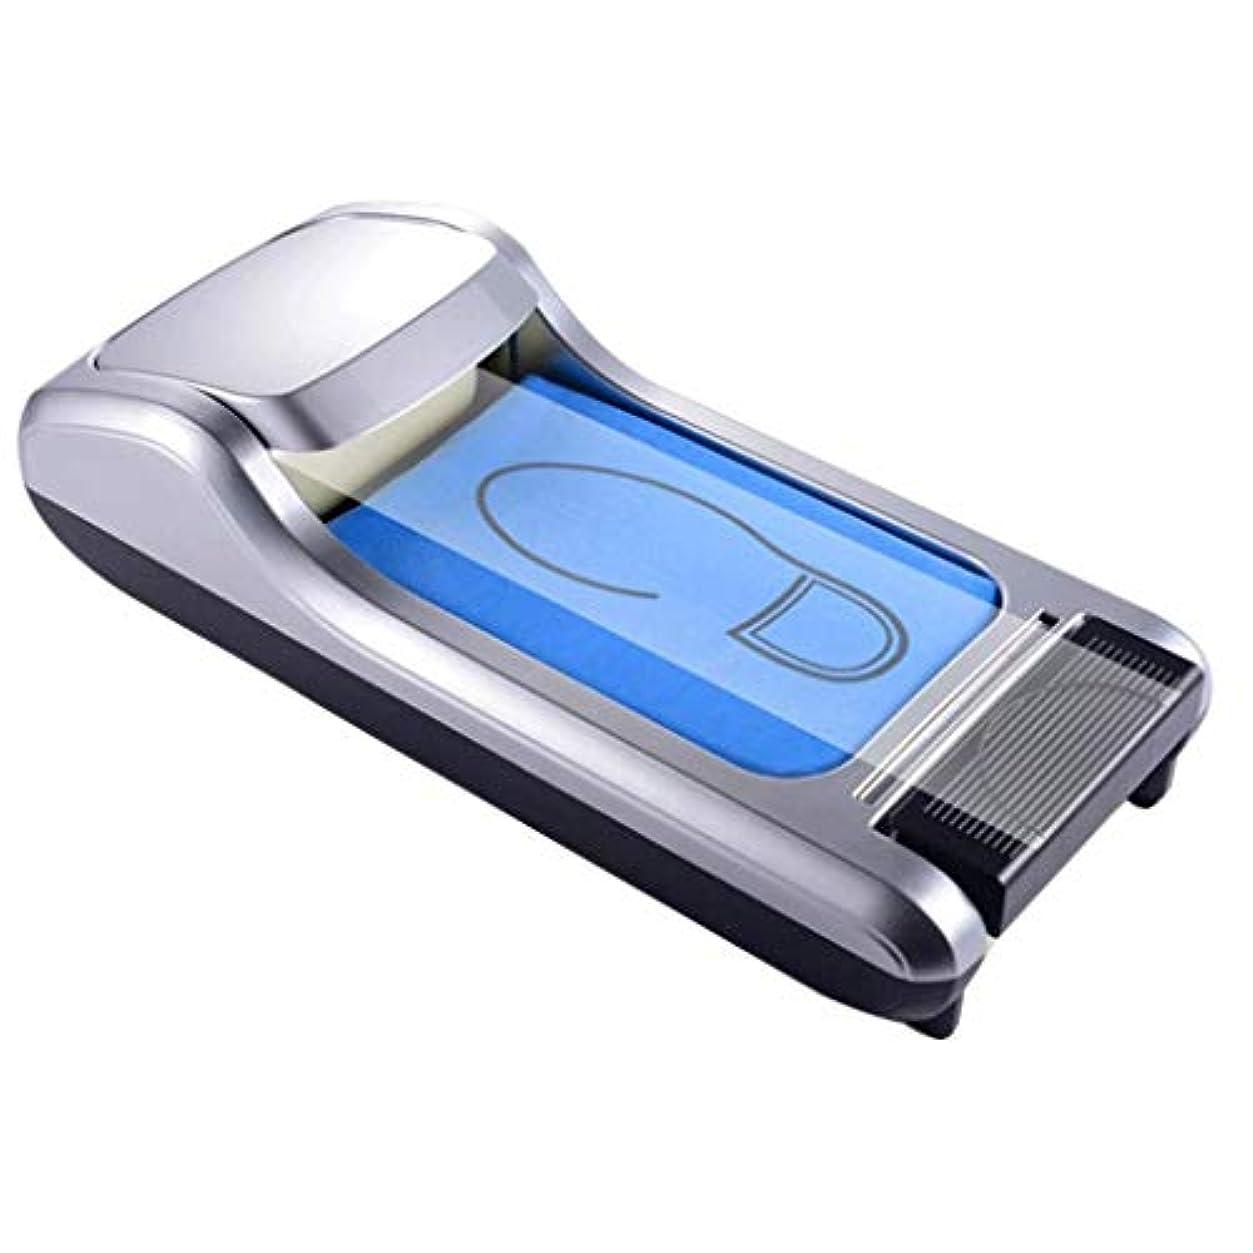 ルーアーカイブ高い靴カバーマシンリビングルームホーム自動使い捨て靴フィルムマシン新スタイルオフィススマートフットカバーラミネート機 (Color : Silver)